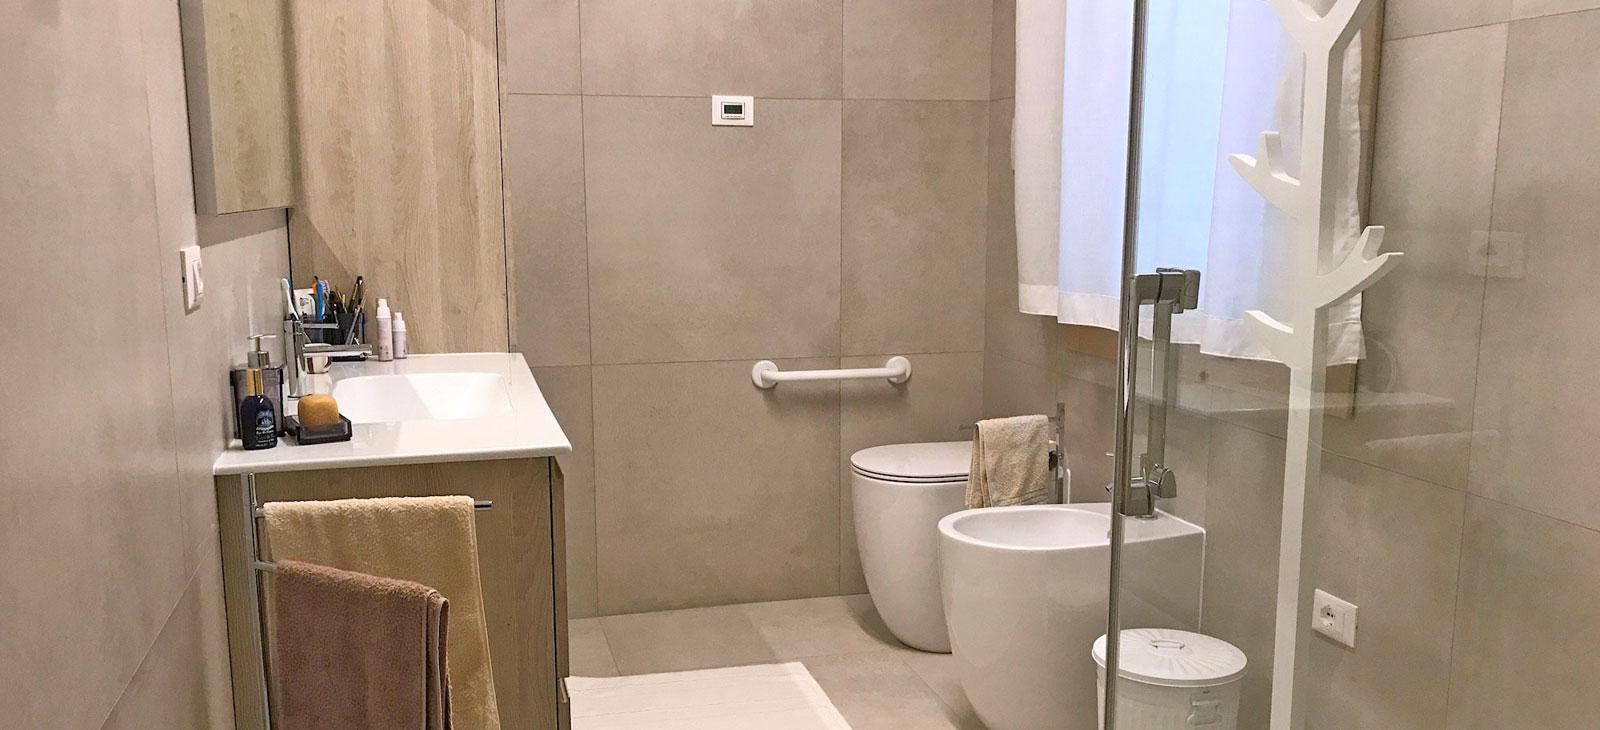 Realizzazione bagno pavimenti rivestimenti arredo bagno silvestri cassola vicenza 1 cover - Bagno rivestimenti e pavimenti ...